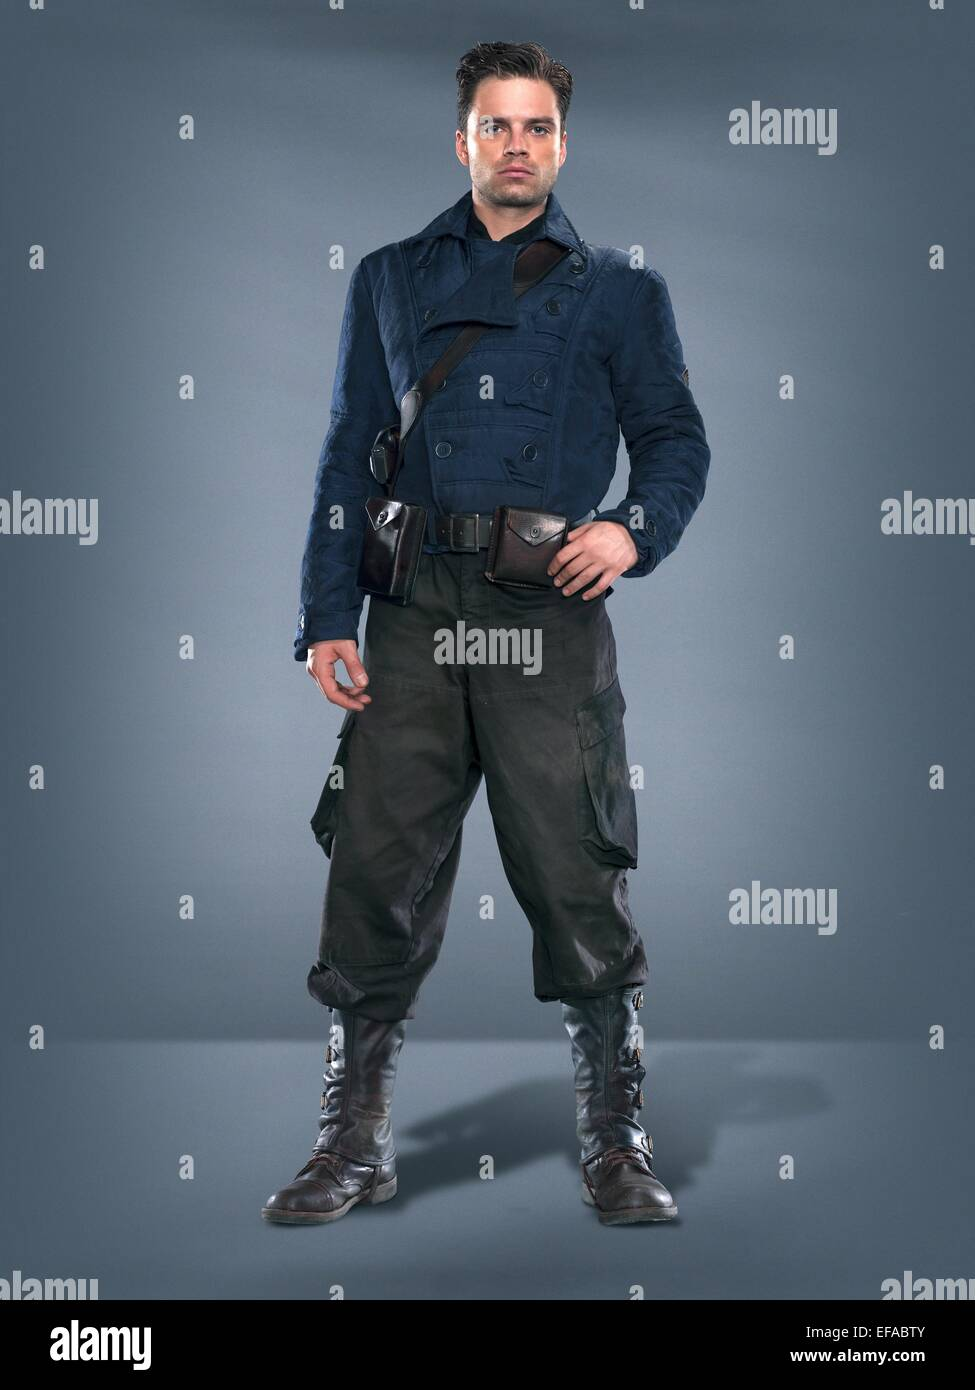 Captain america the first avenger 2011 - Sebastian Stan Captain America The First Avenger 2011